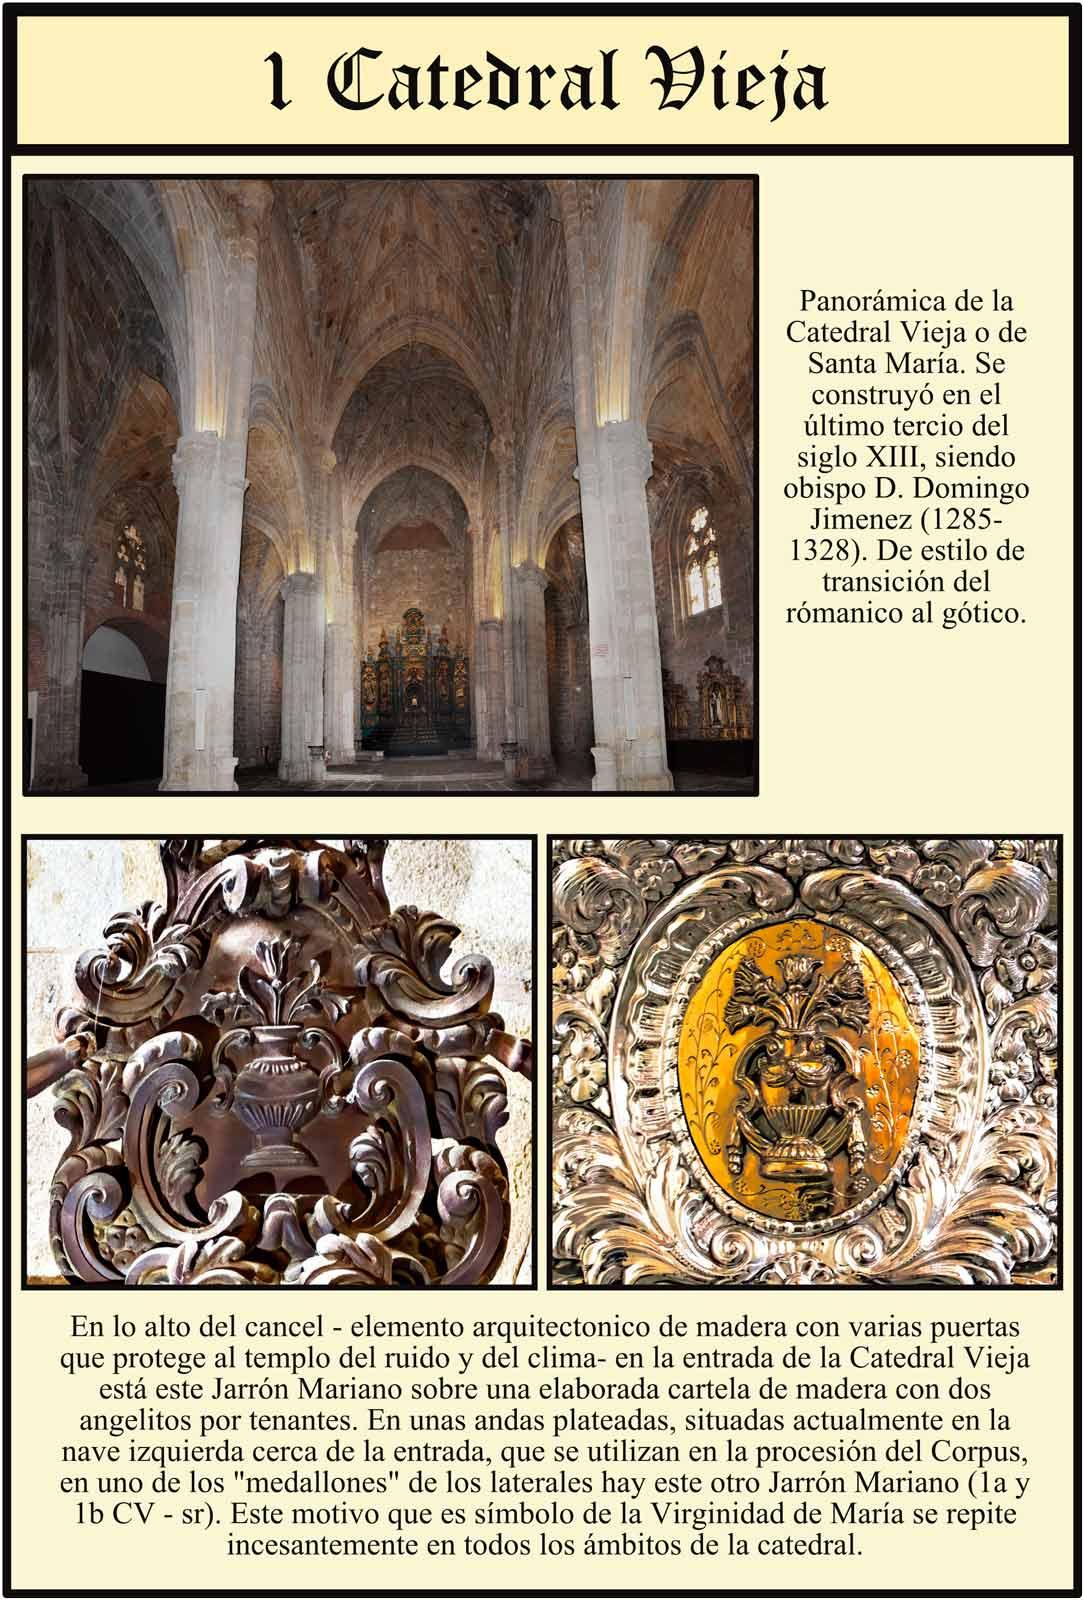 Interior de la Catedral Vieja de Plasencia Jrrones marianos simbolos de María